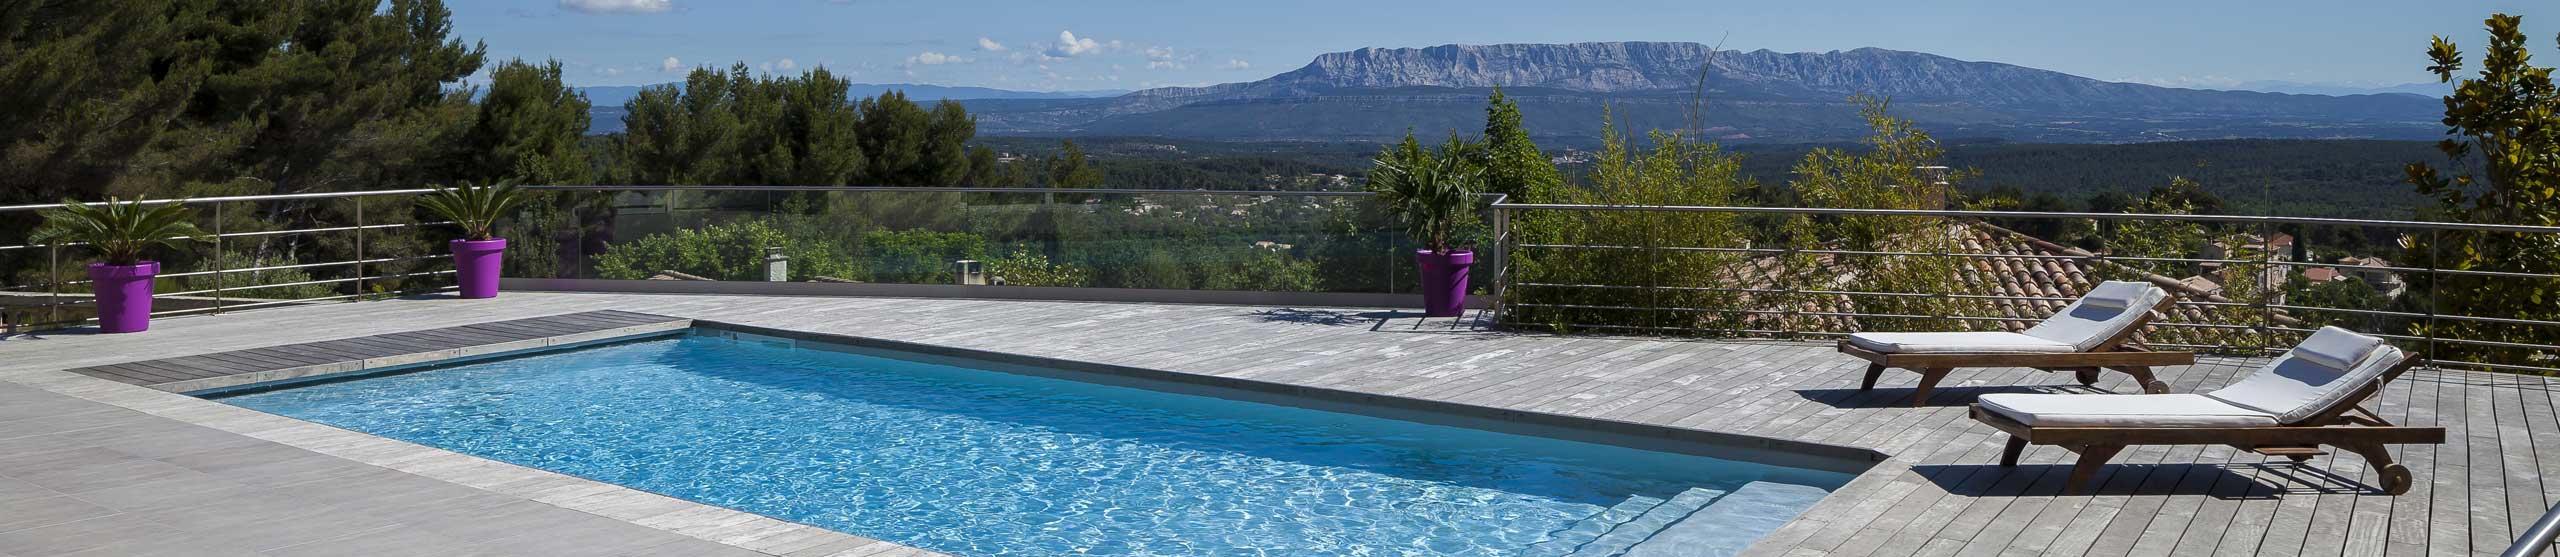 Innov'piscine | Piscines Magiline tout Piscine Pezenas